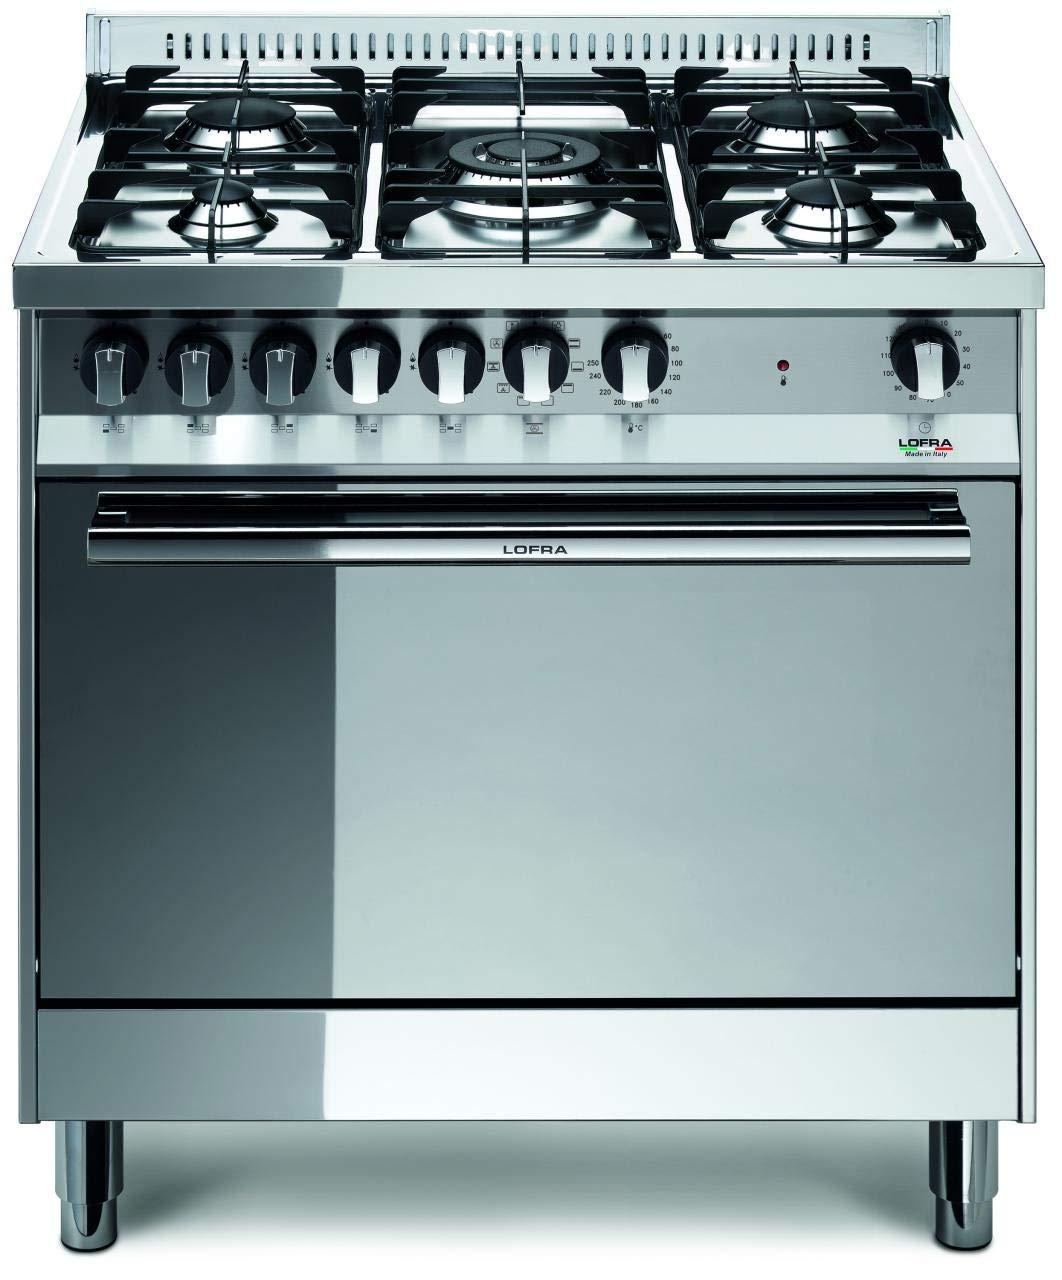 Cucine A Gas Con Forno A Gas Usate.Lofra Mg86gv C Cucina A Gas Acciaio Amazon It Grandi